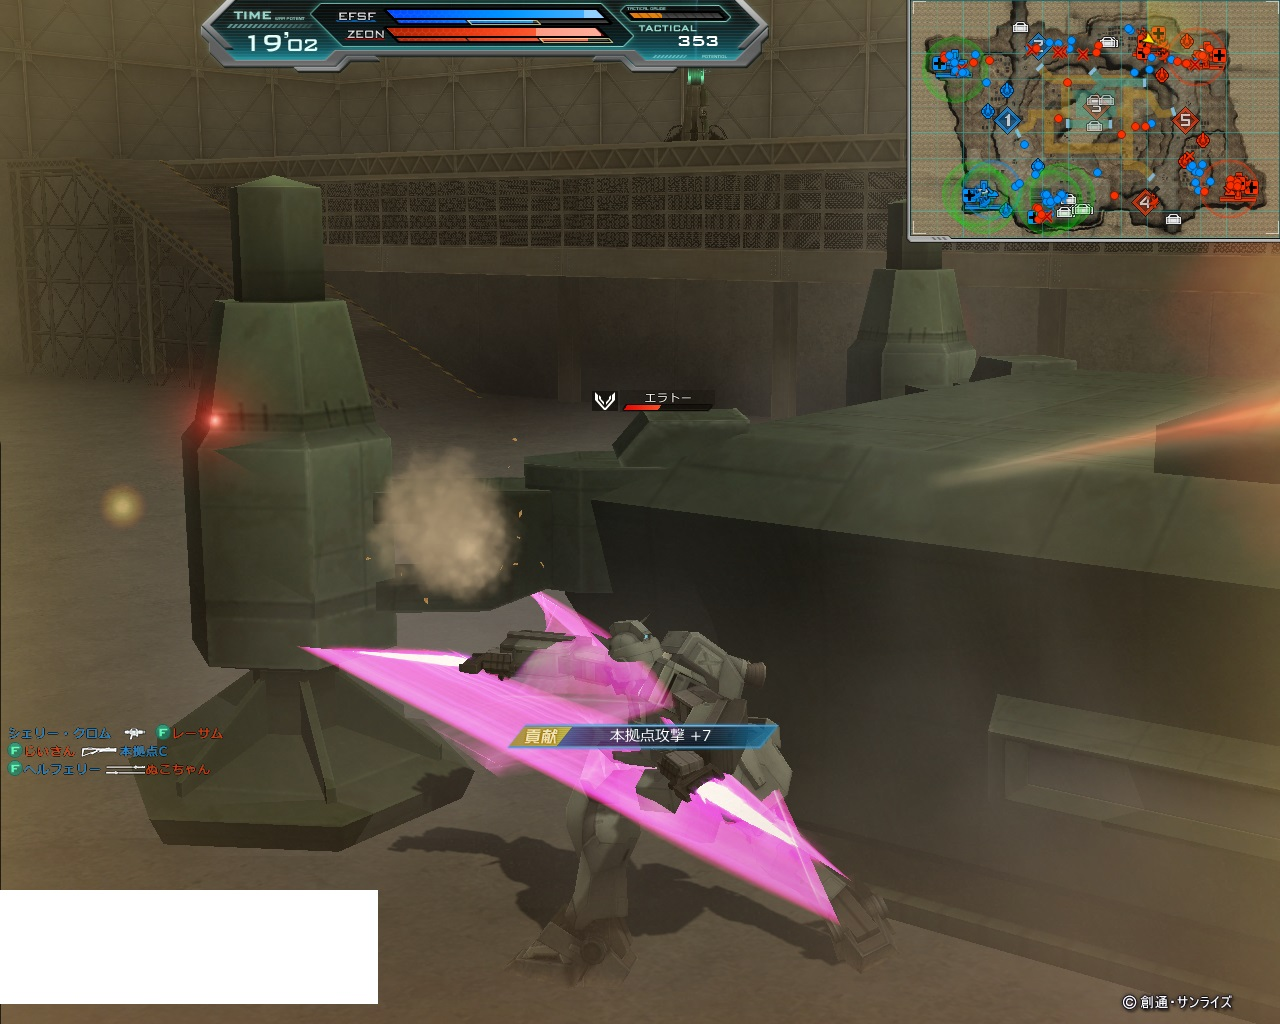 機動戦士ガンダムオンライン S鯖晒しスレ121機目 [無断転載禁止]©2ch.net ->画像>128枚